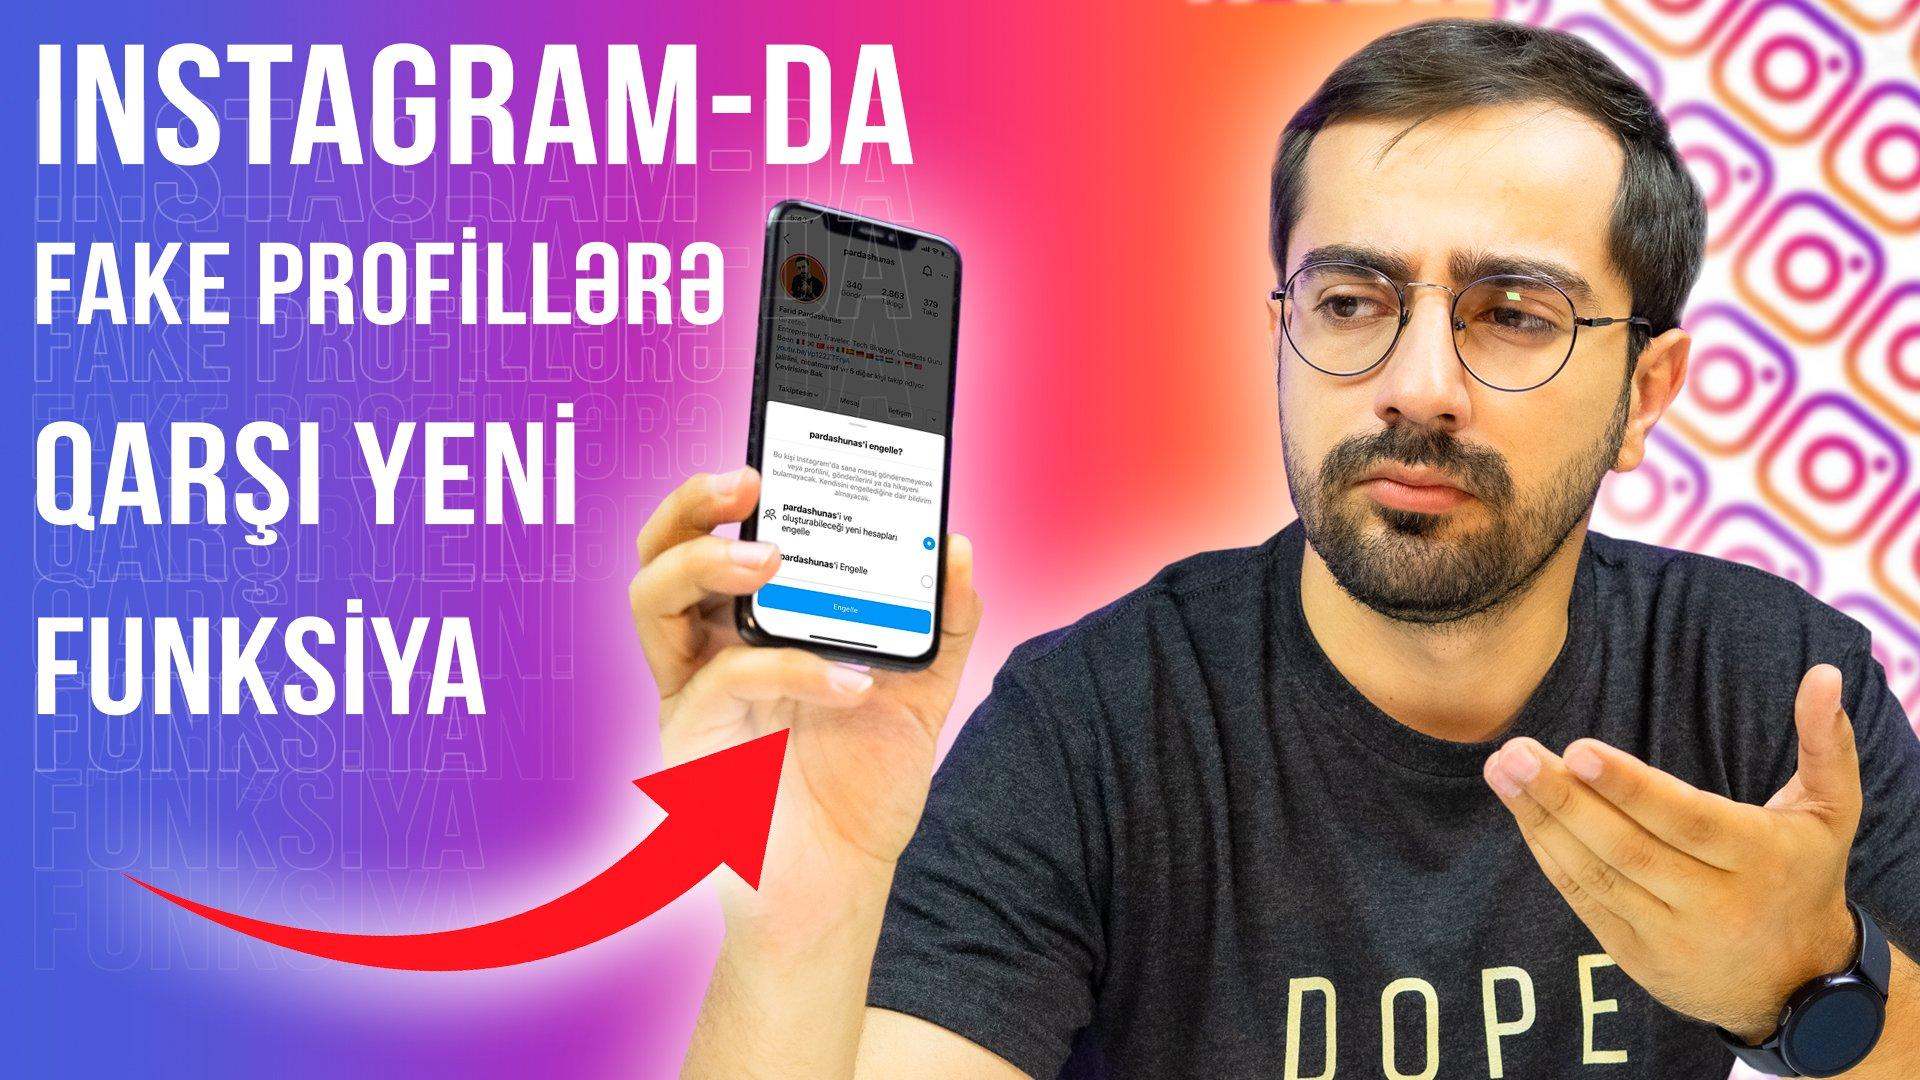 Instagram-da yeni funksiya - Fake profillərlə təqib bloklanacaq (VİDEO)